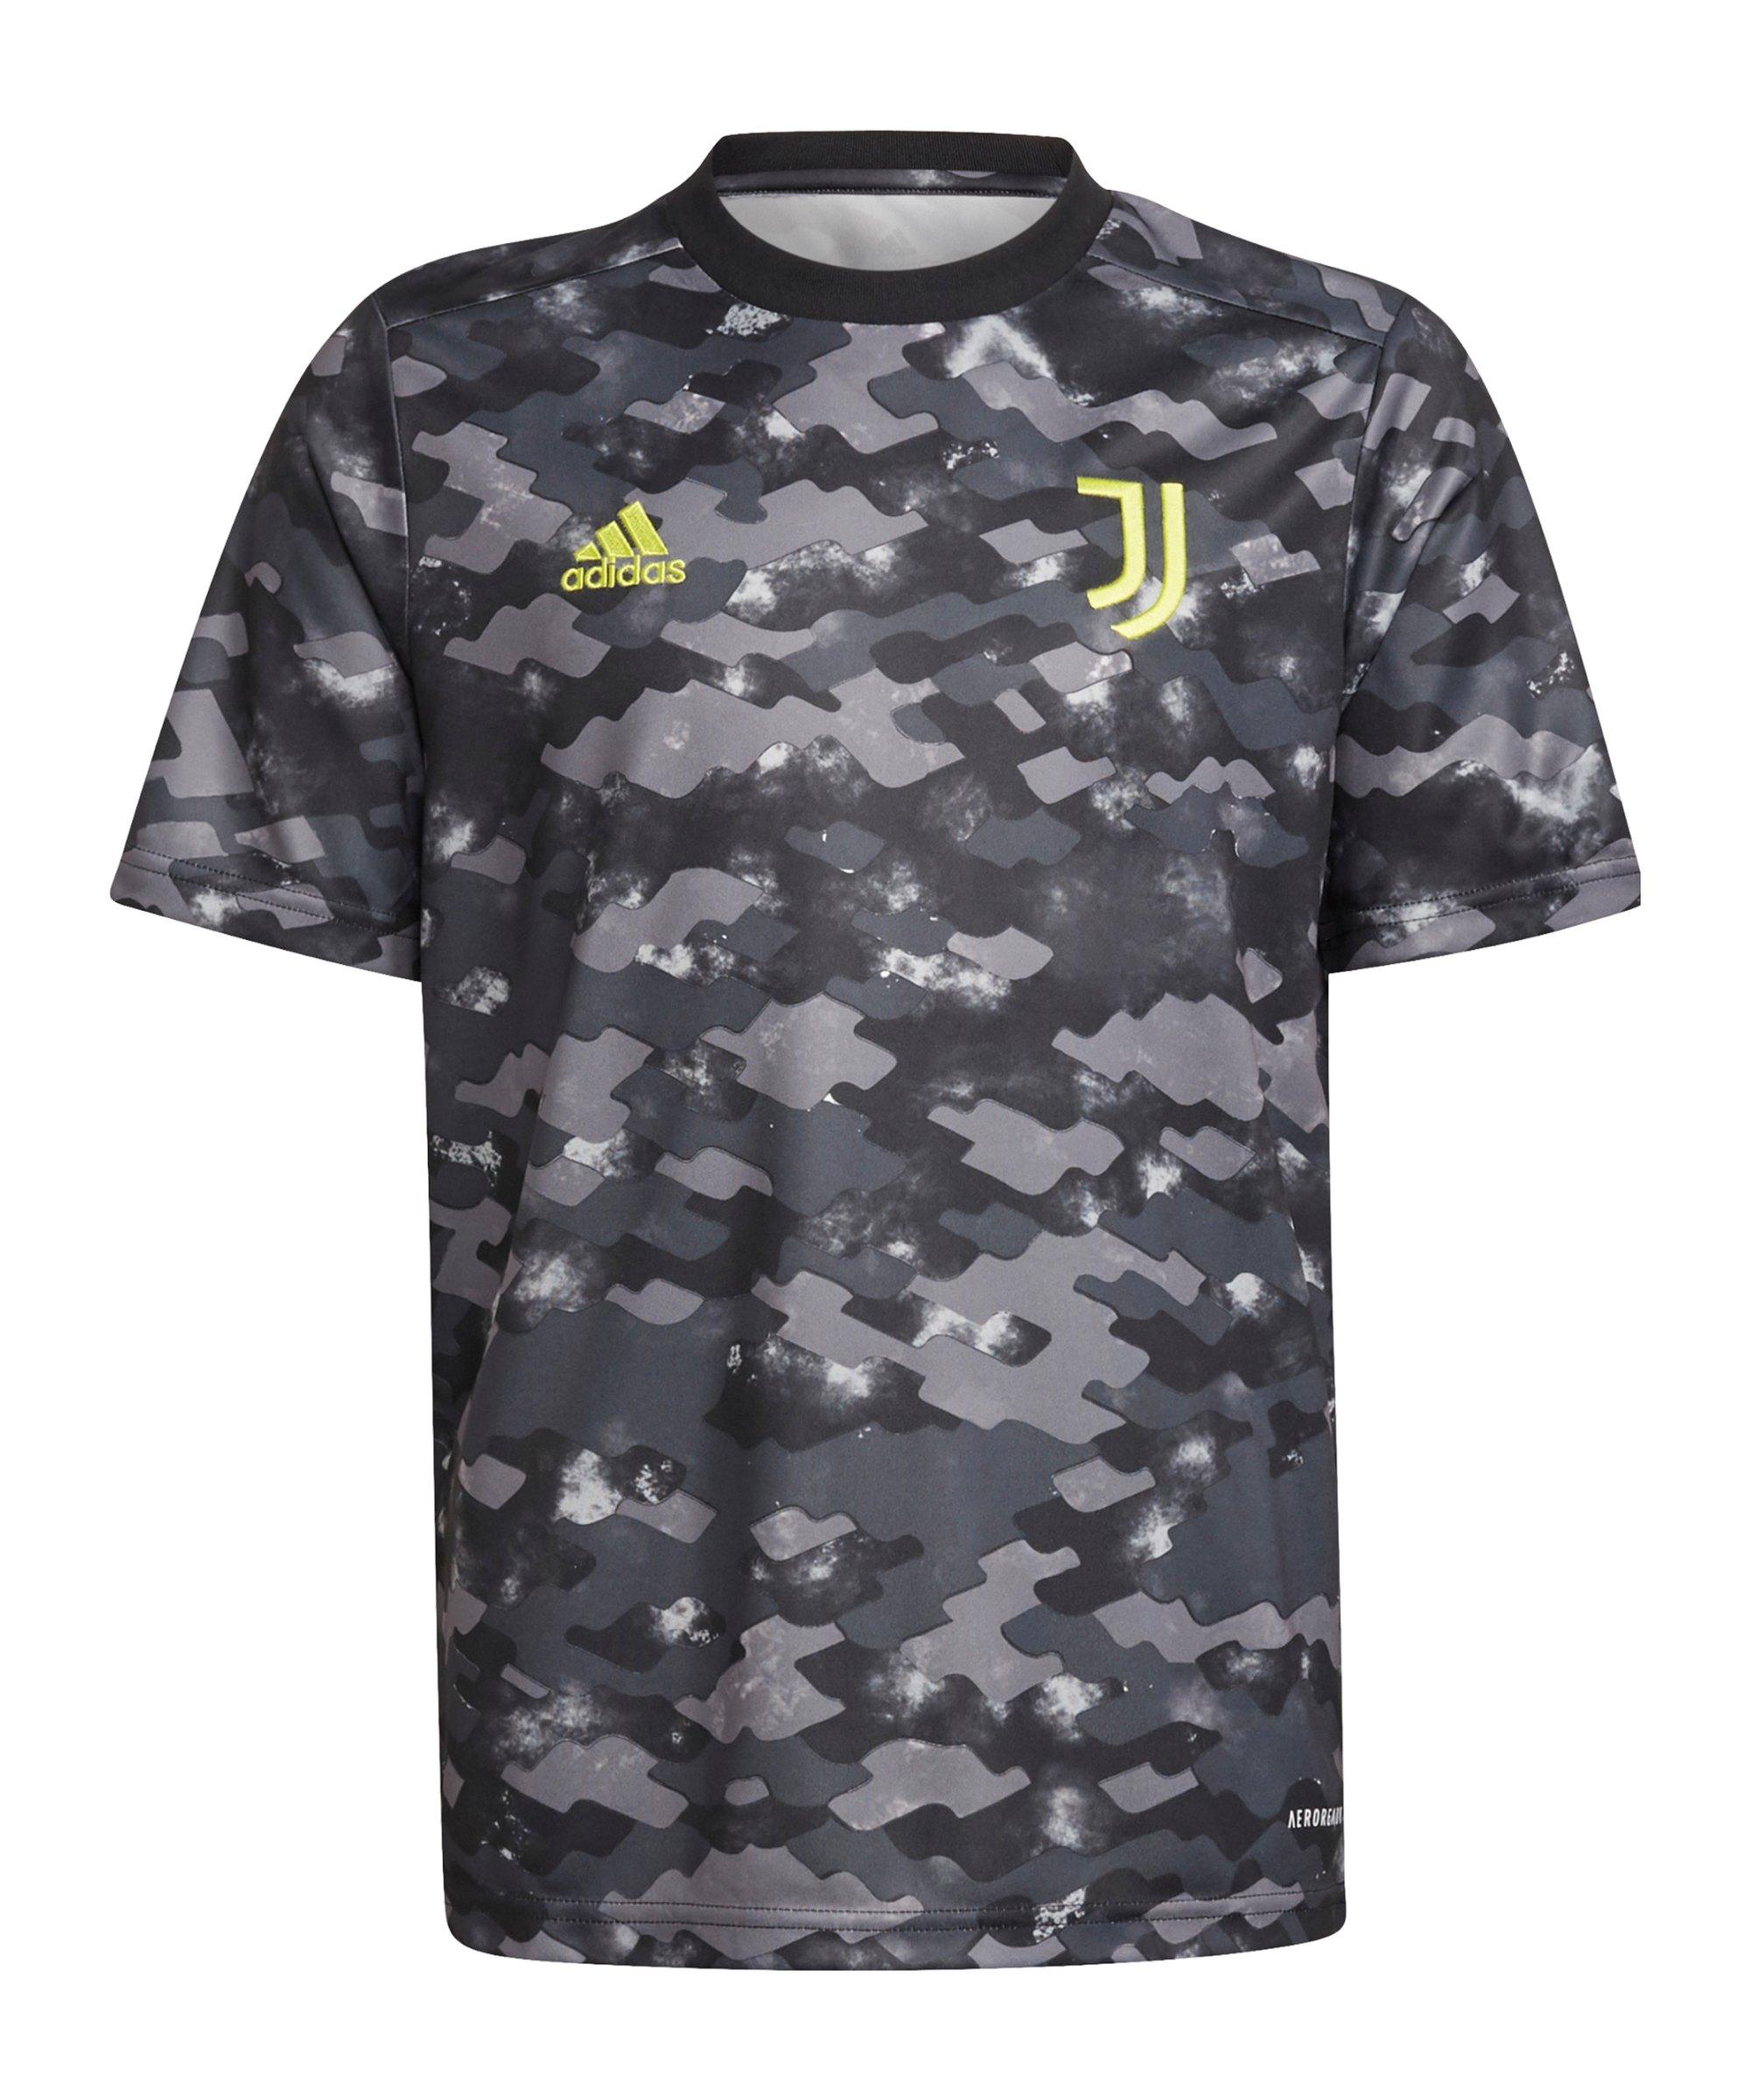 adidas Juventus Turin Prematch Shirt 2021/2022 Grau - grau